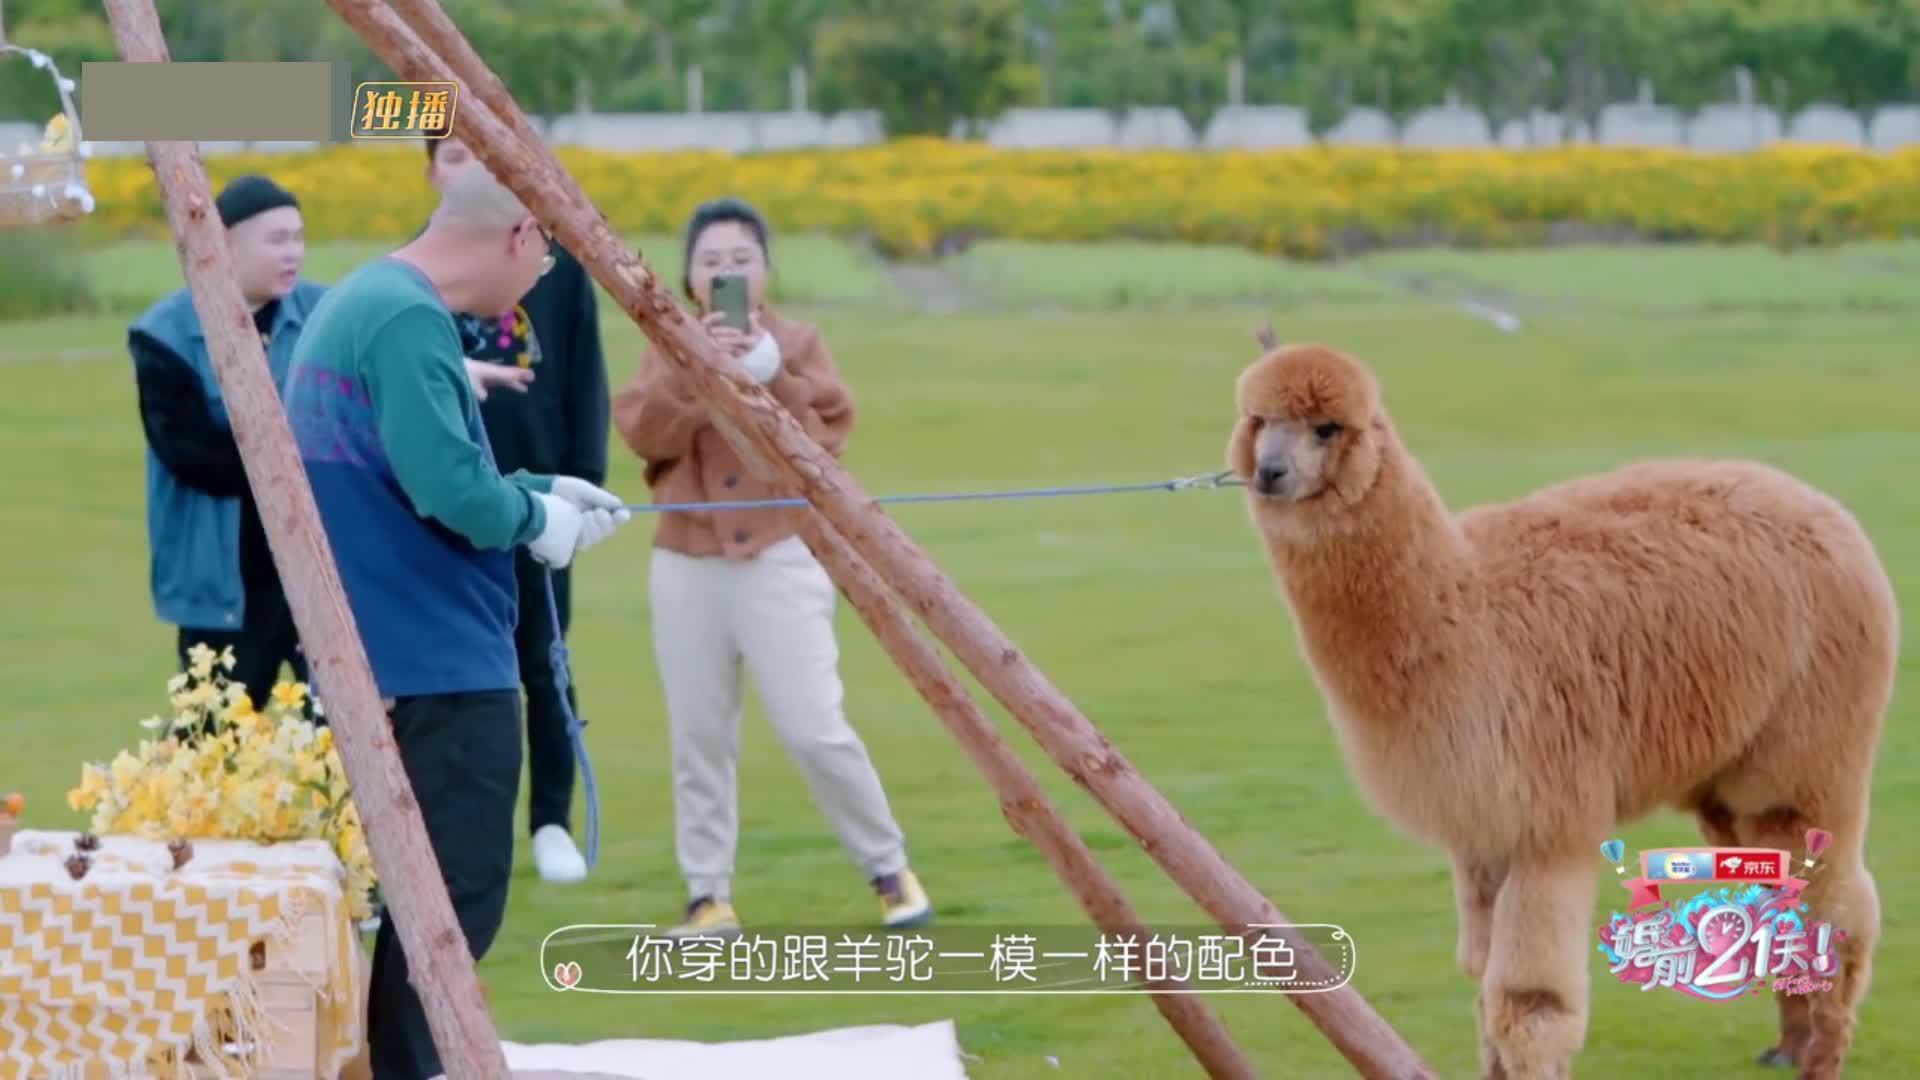 真人秀:傅首尔与羊驼穿情侣装求合影 遭羊驼乌龙逃跑满场抓